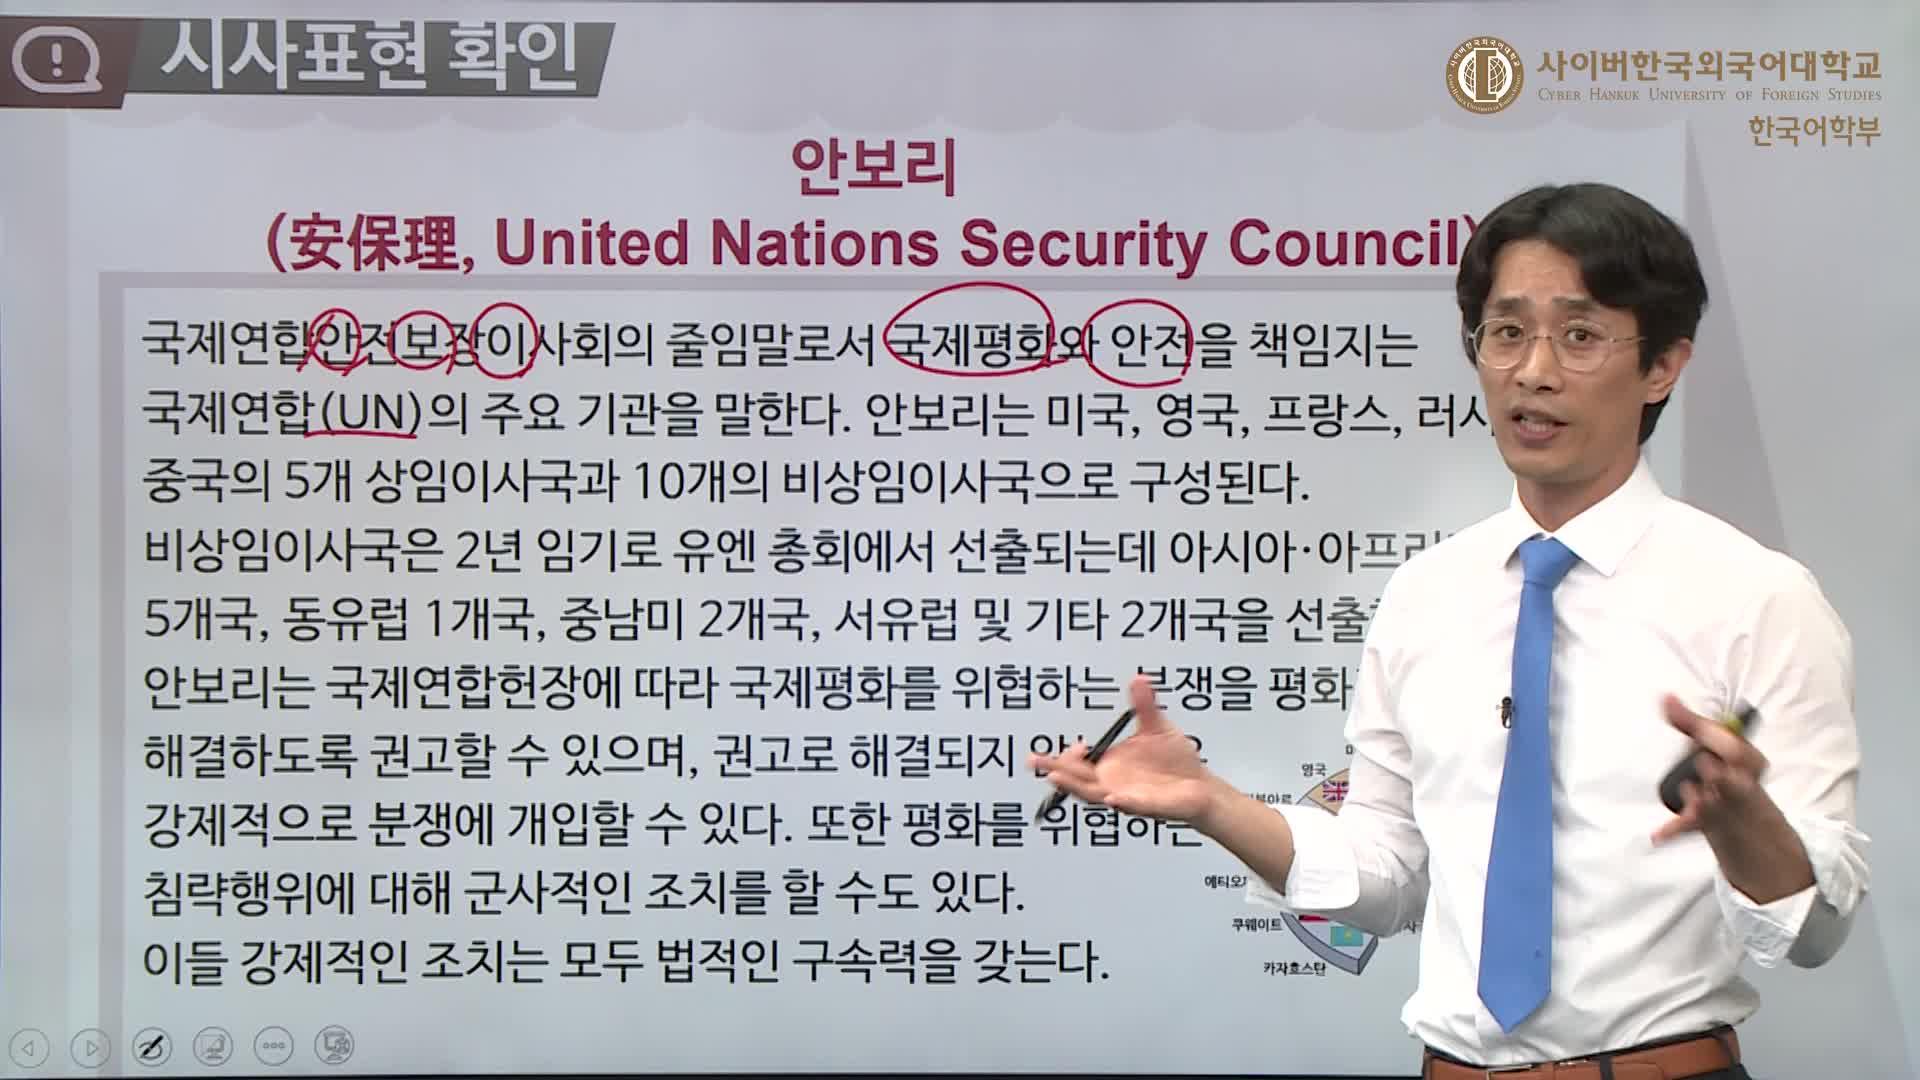 """[韩语时事表达]#28. 안보리(安保理):""""国际安全保障理事会""""的简称"""